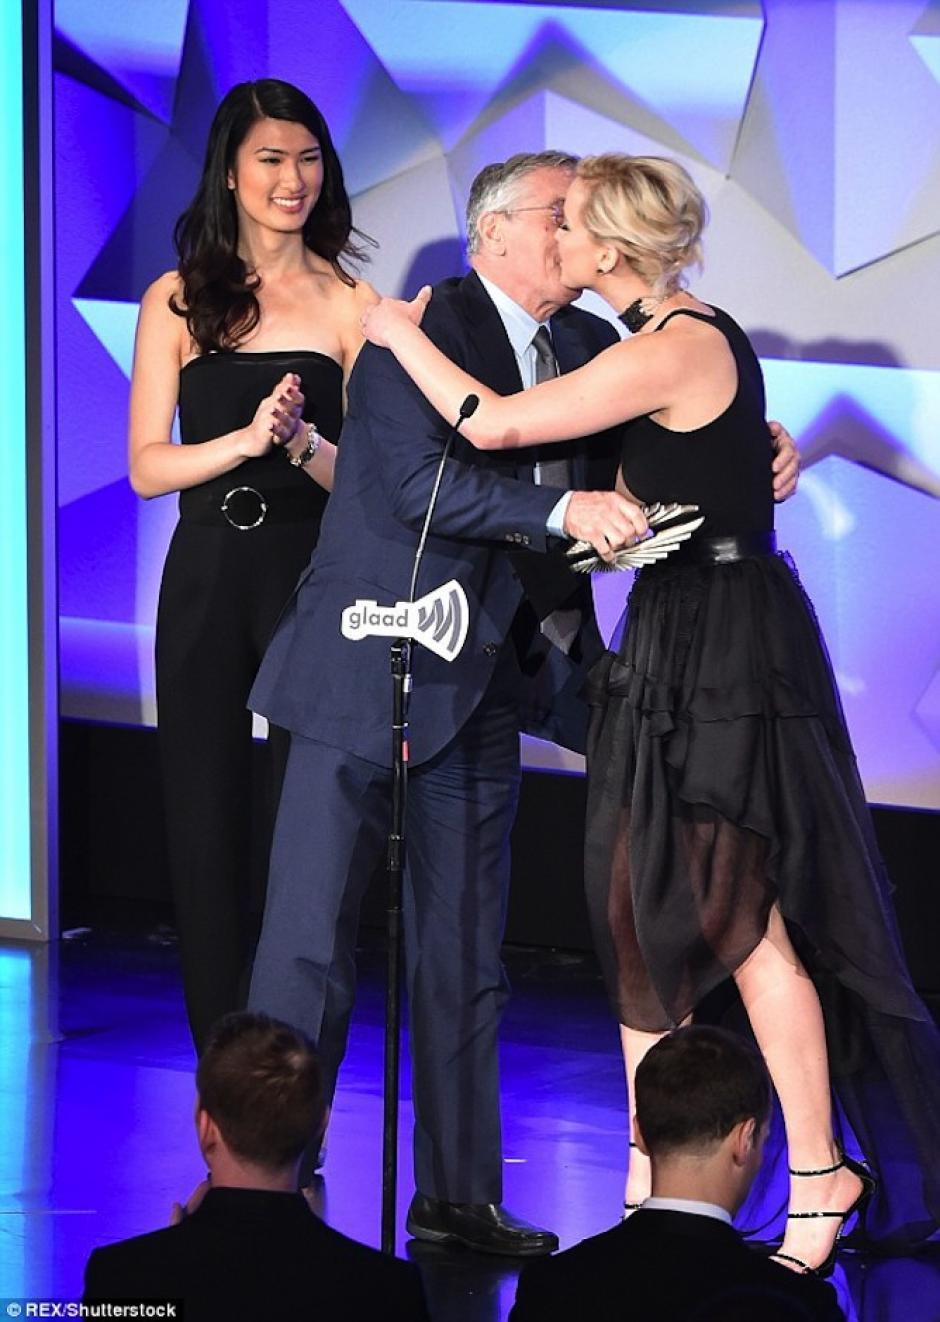 Lawrence dio la bienvenida al actor  con un abrazo. (Foto: Mail Online)